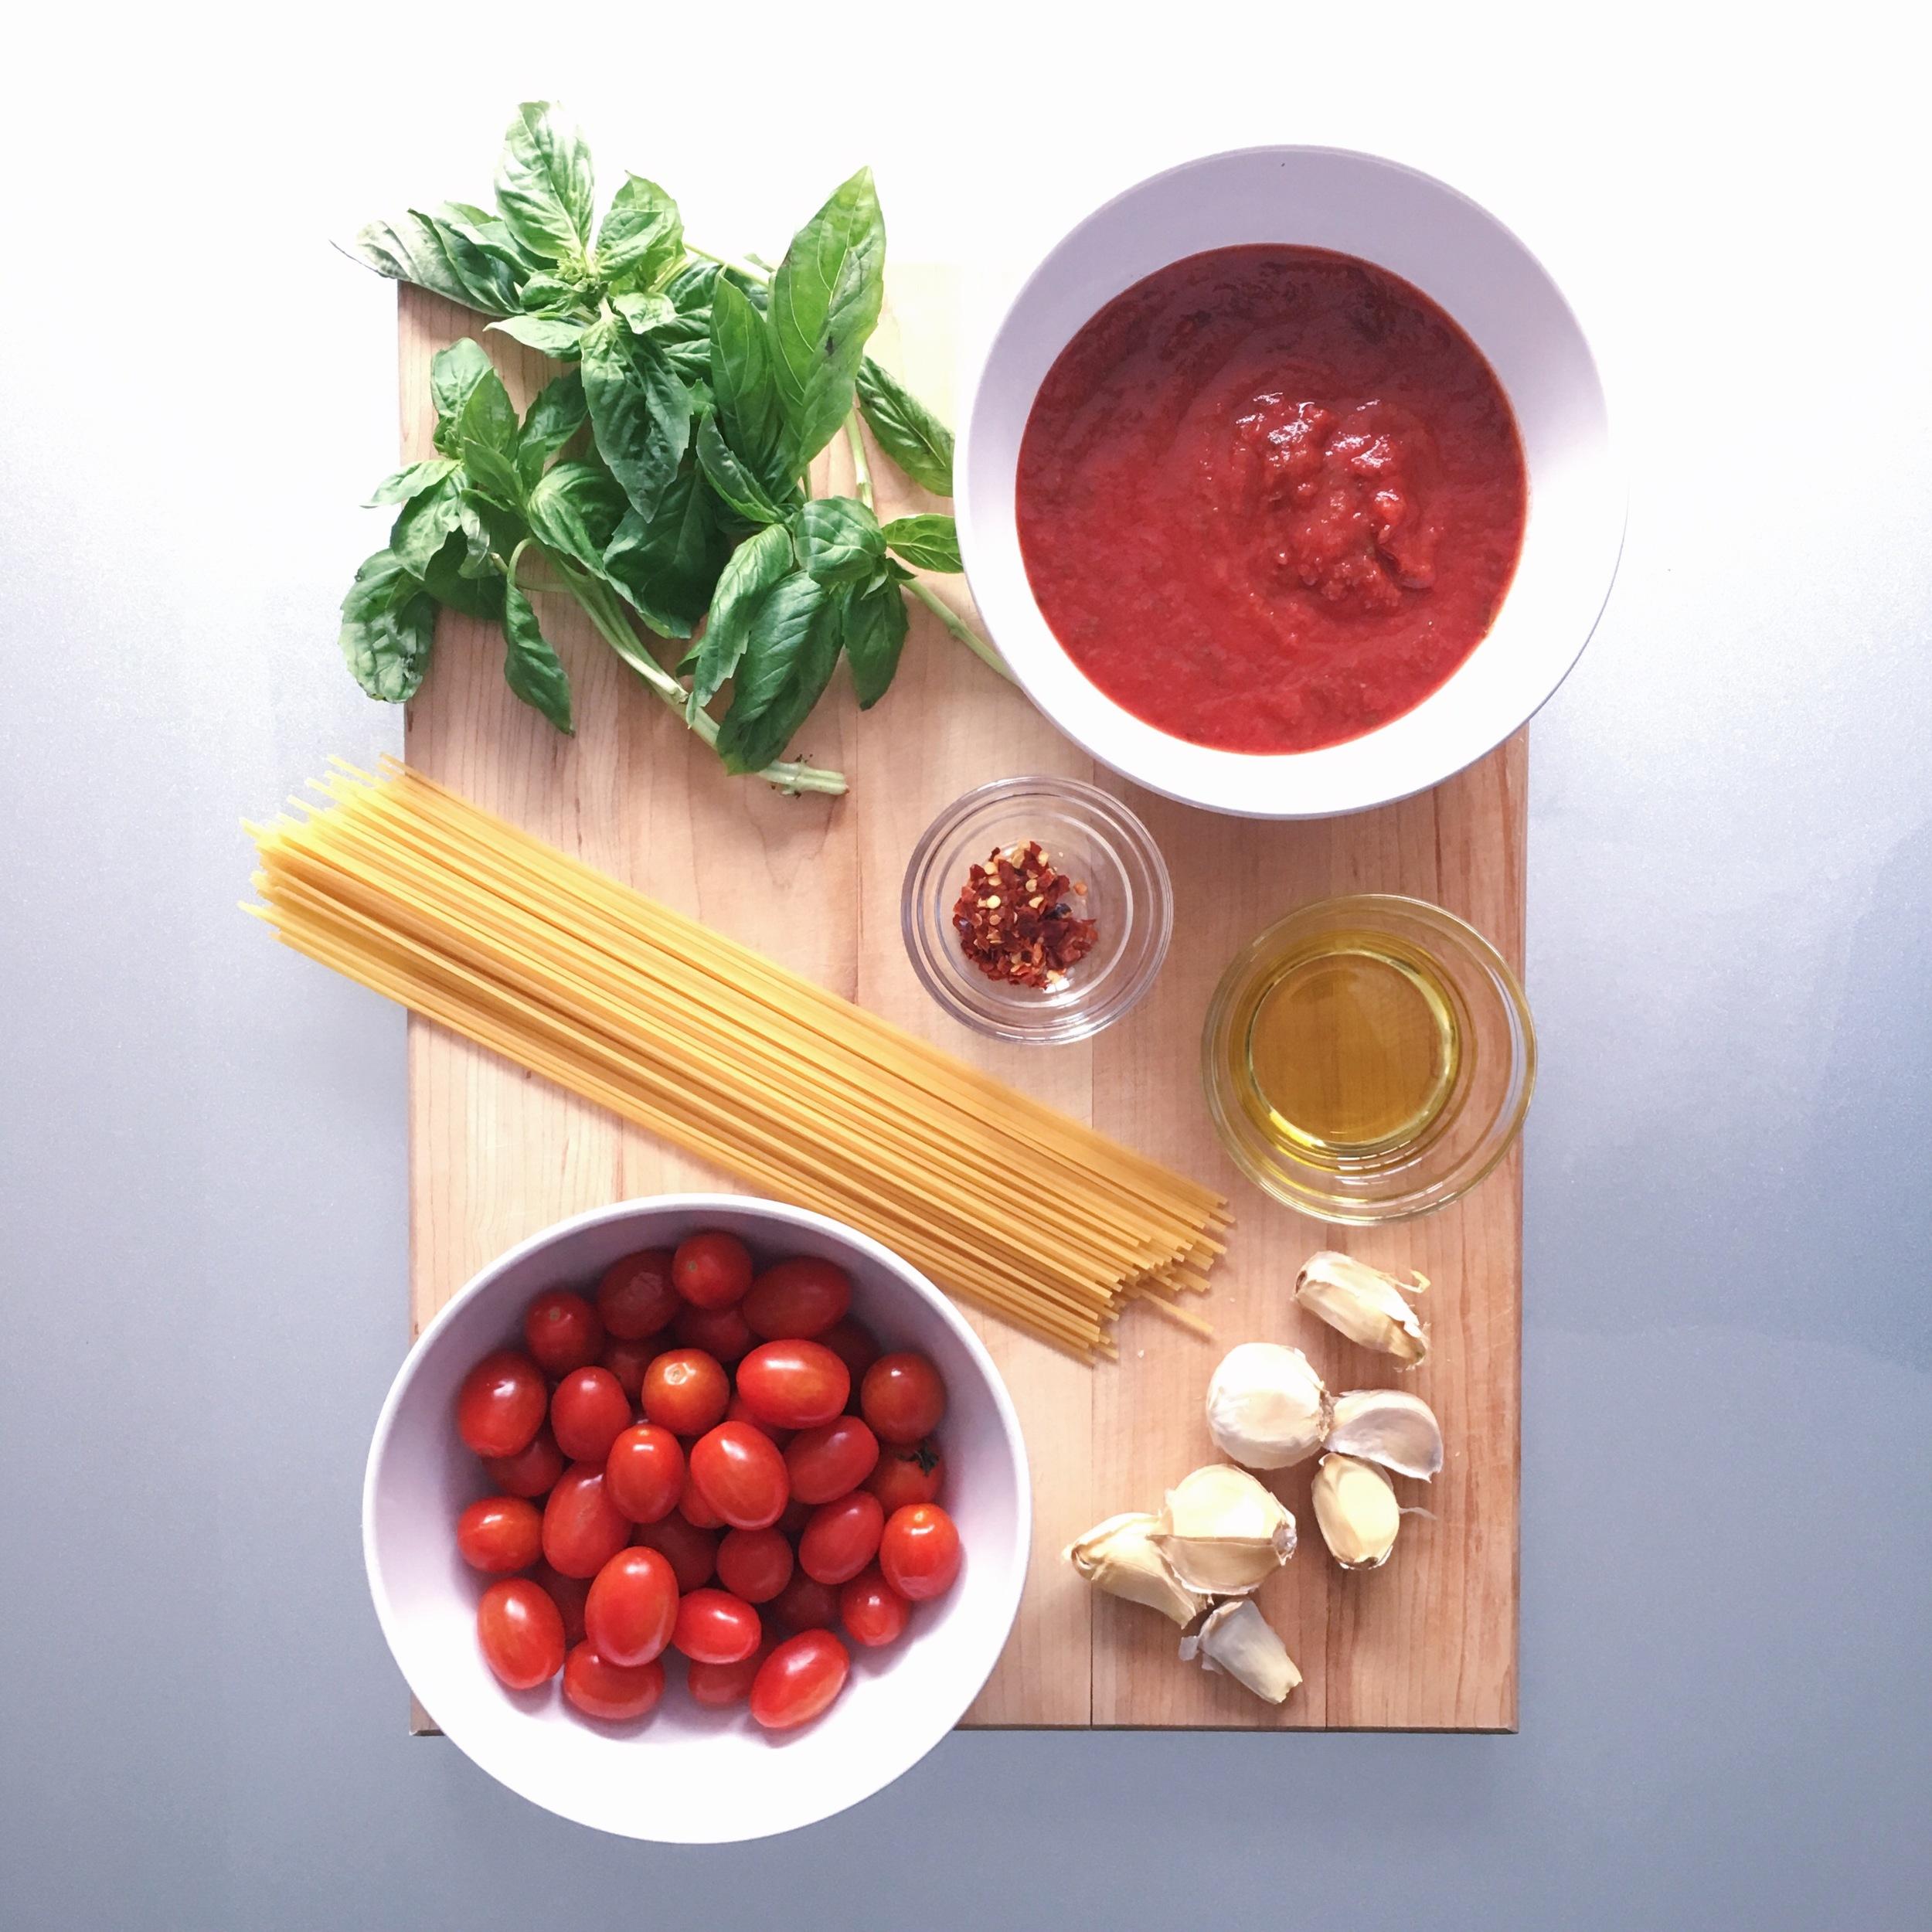 Tomato Basil Spaghettini Pasta ingredients